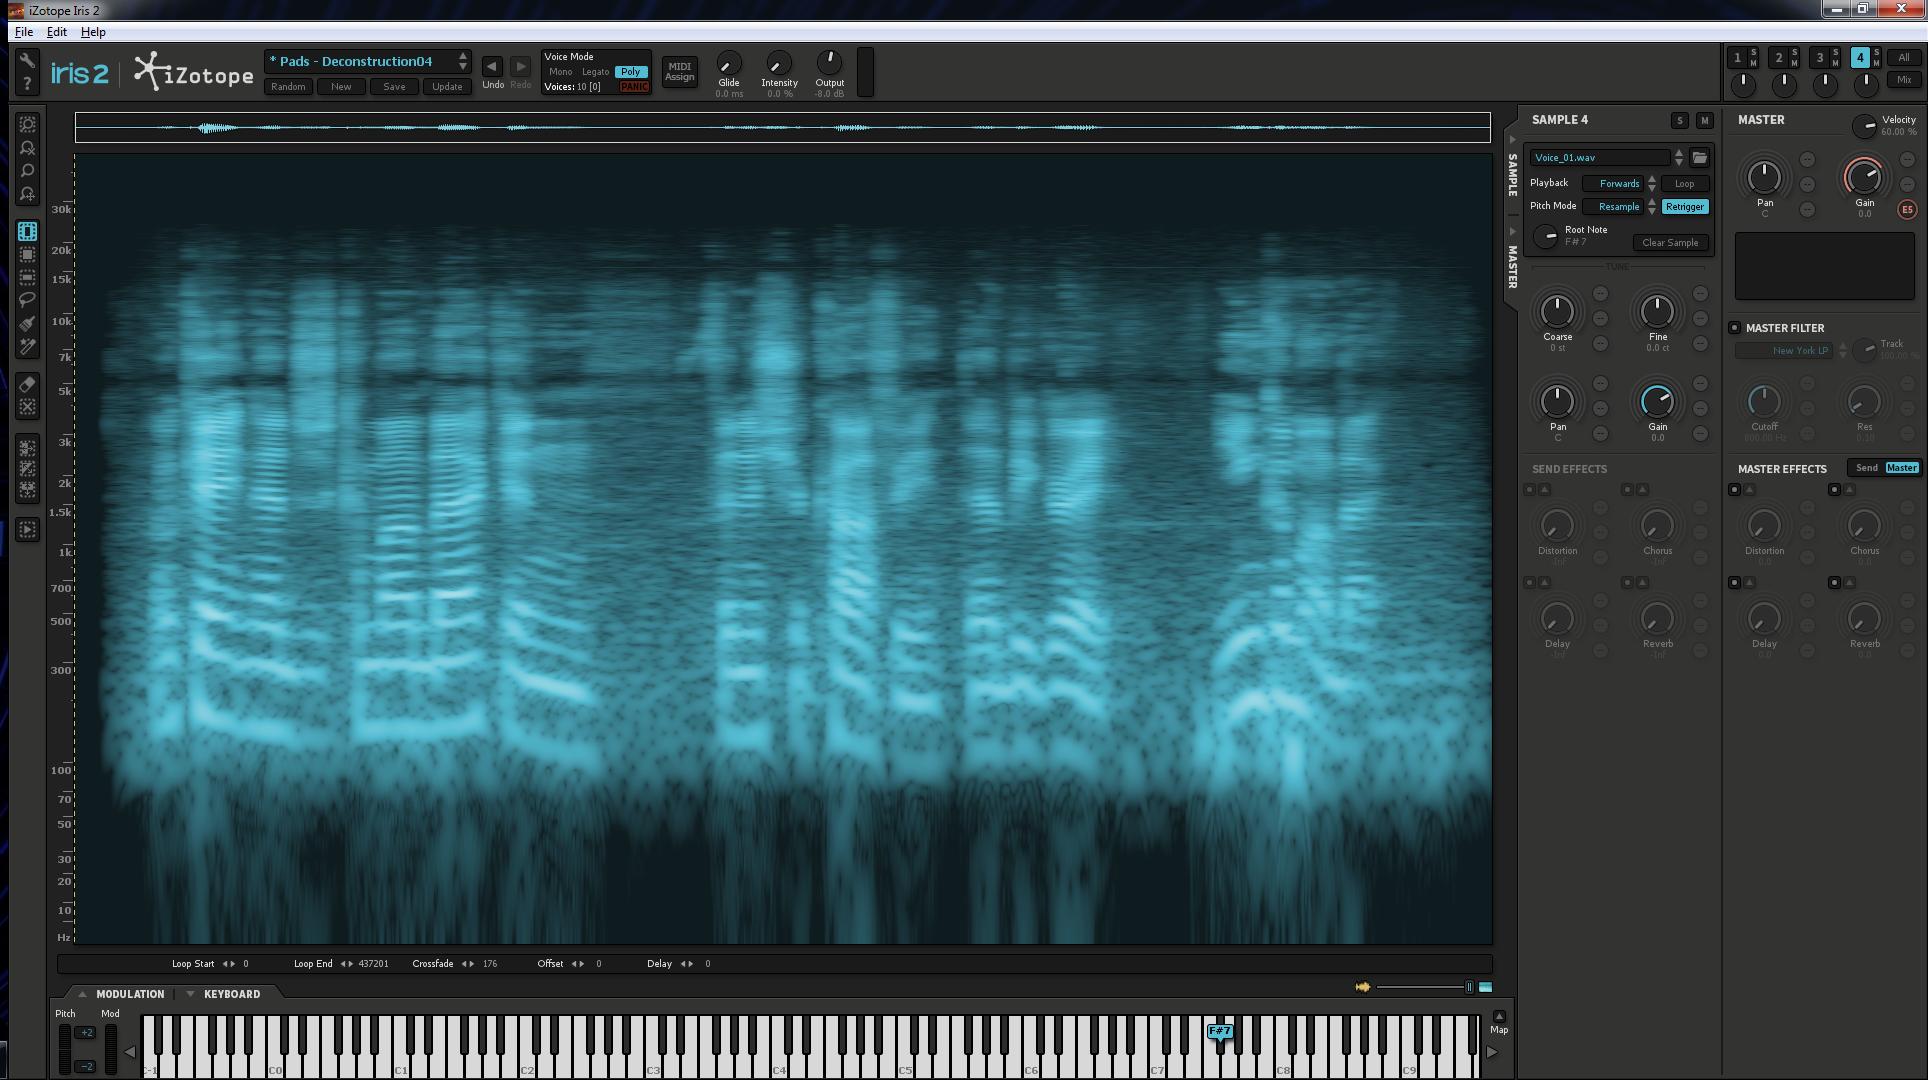 Harmonics structure of voice recording